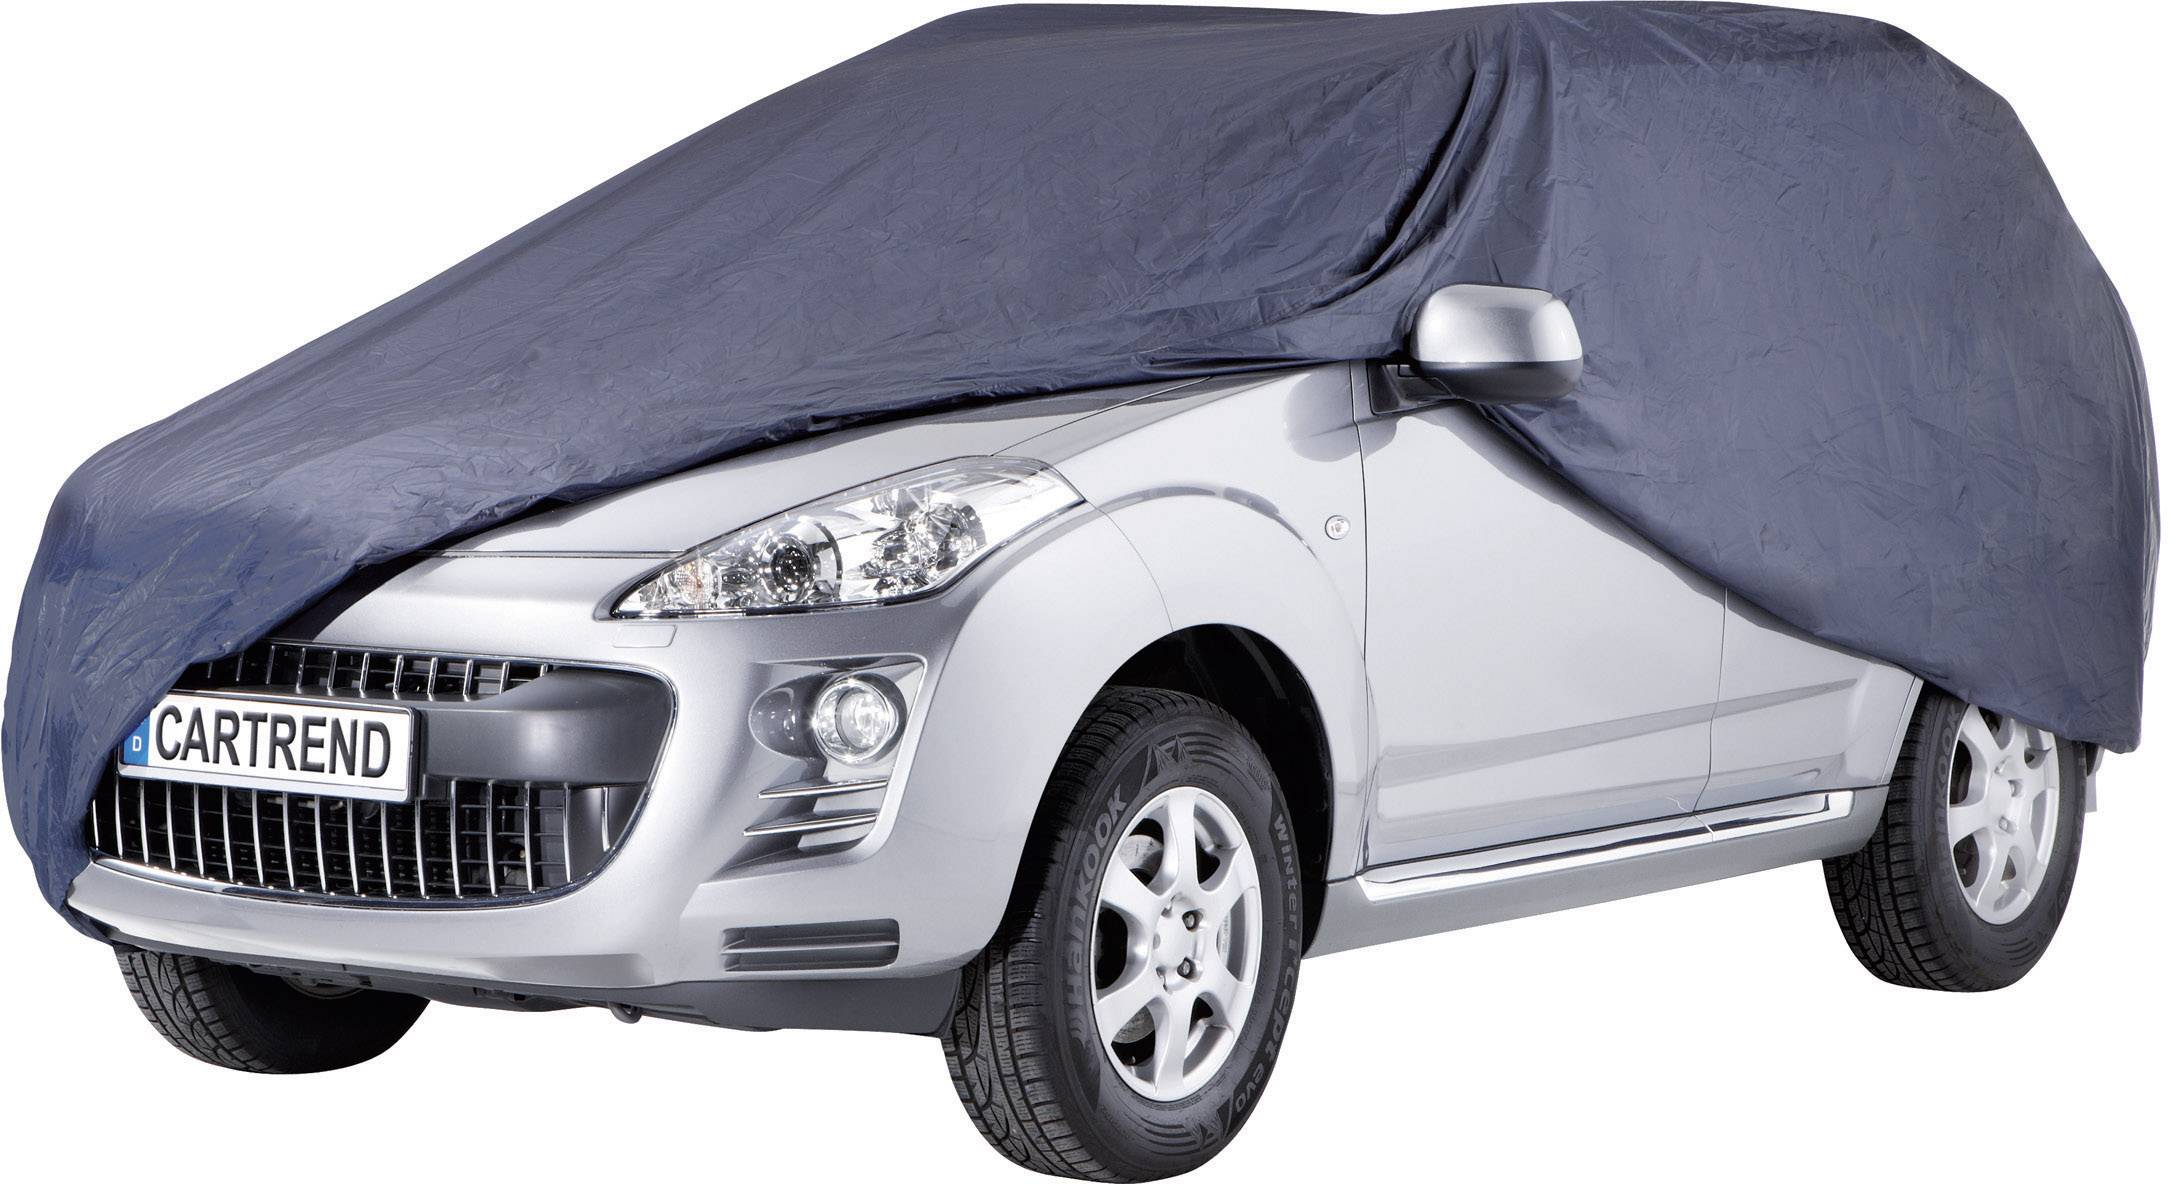 PKW Vollgarage Auto Abdeckung passend f/ür Smart Roadster